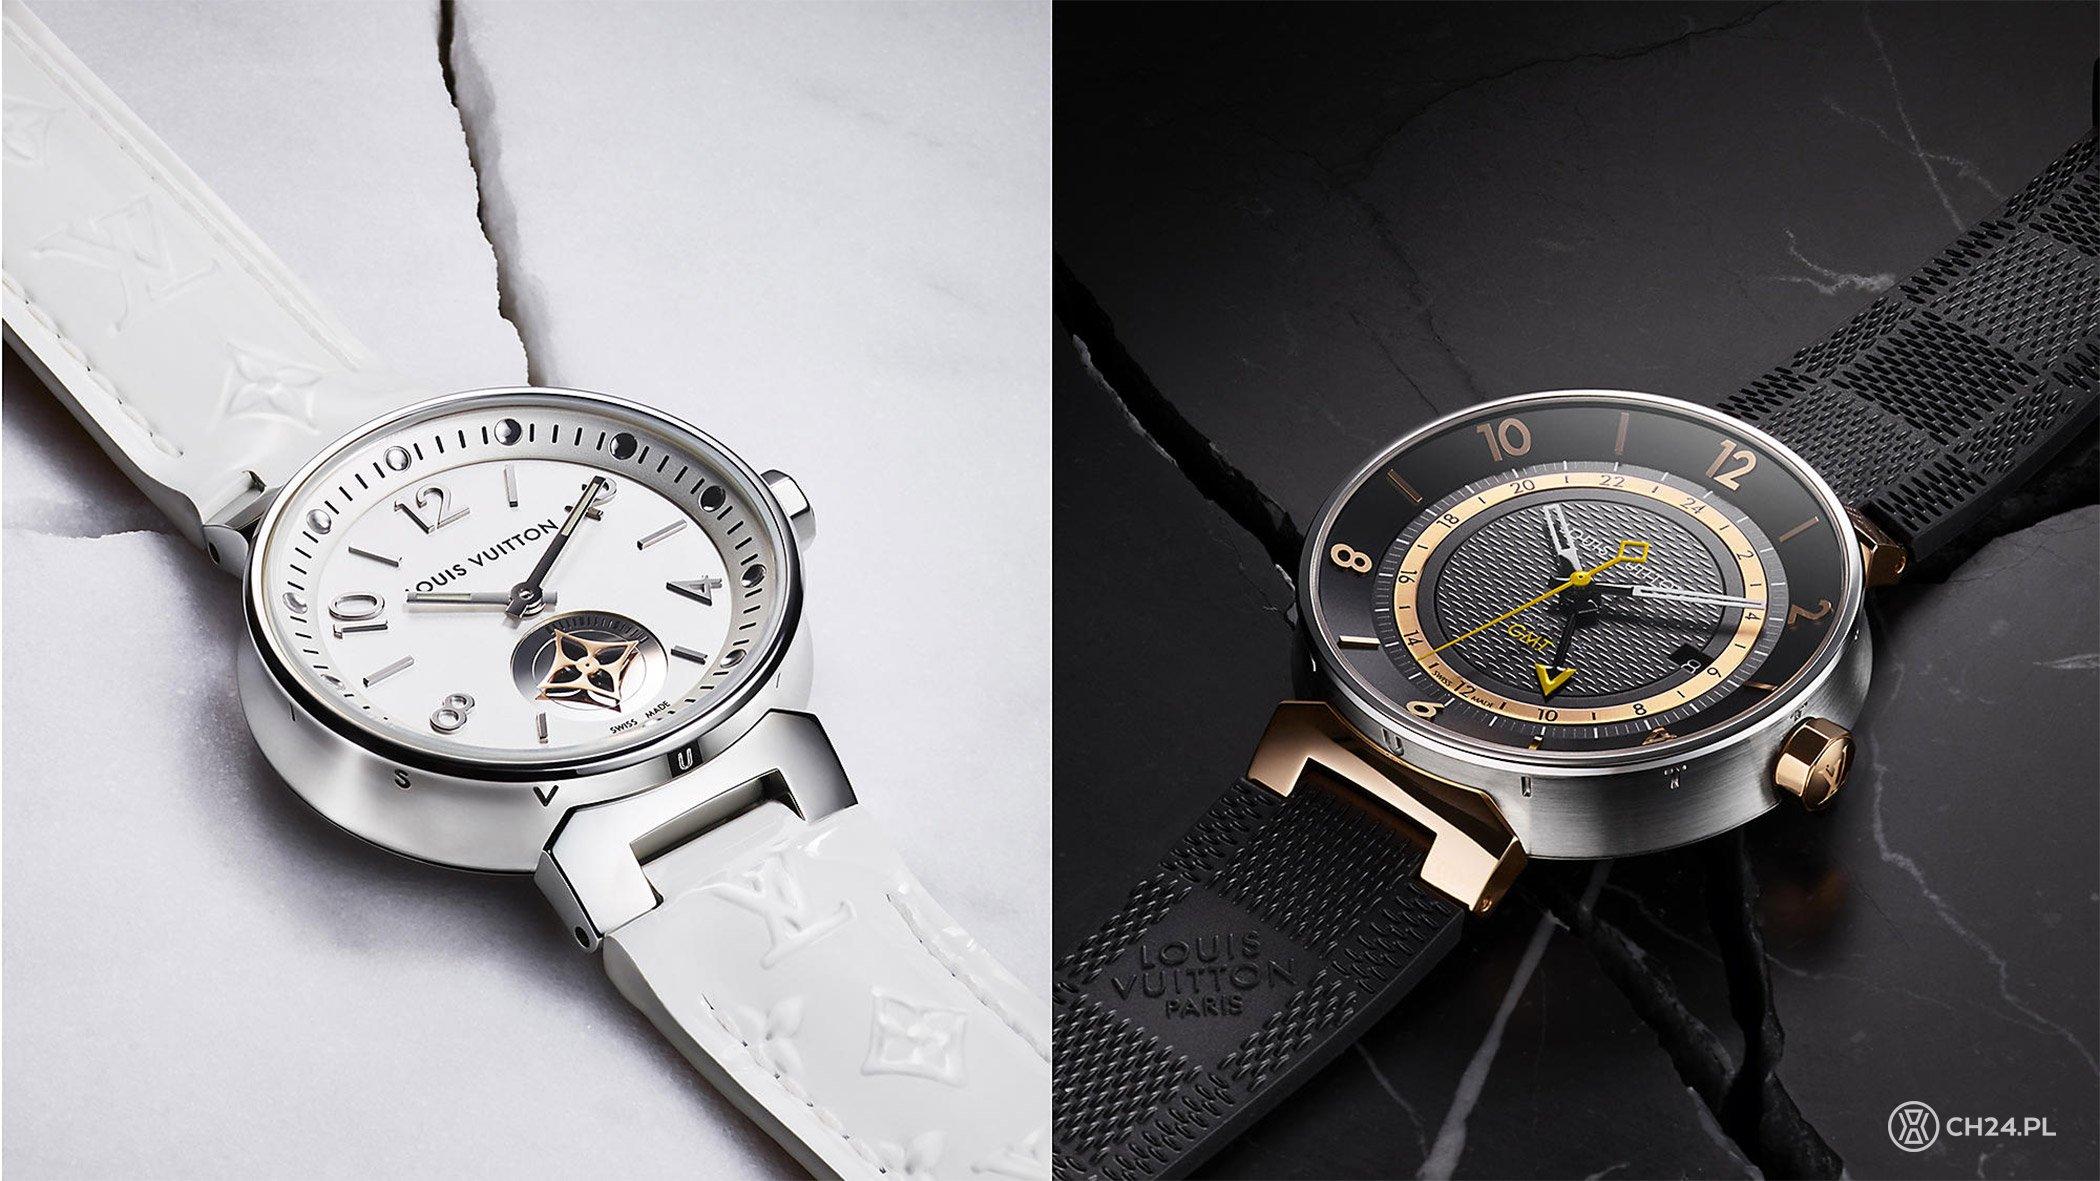 41cb98264e693 Dzieje zegarmistrzostwa: zegarki fashion (część 2) - CH24.PL